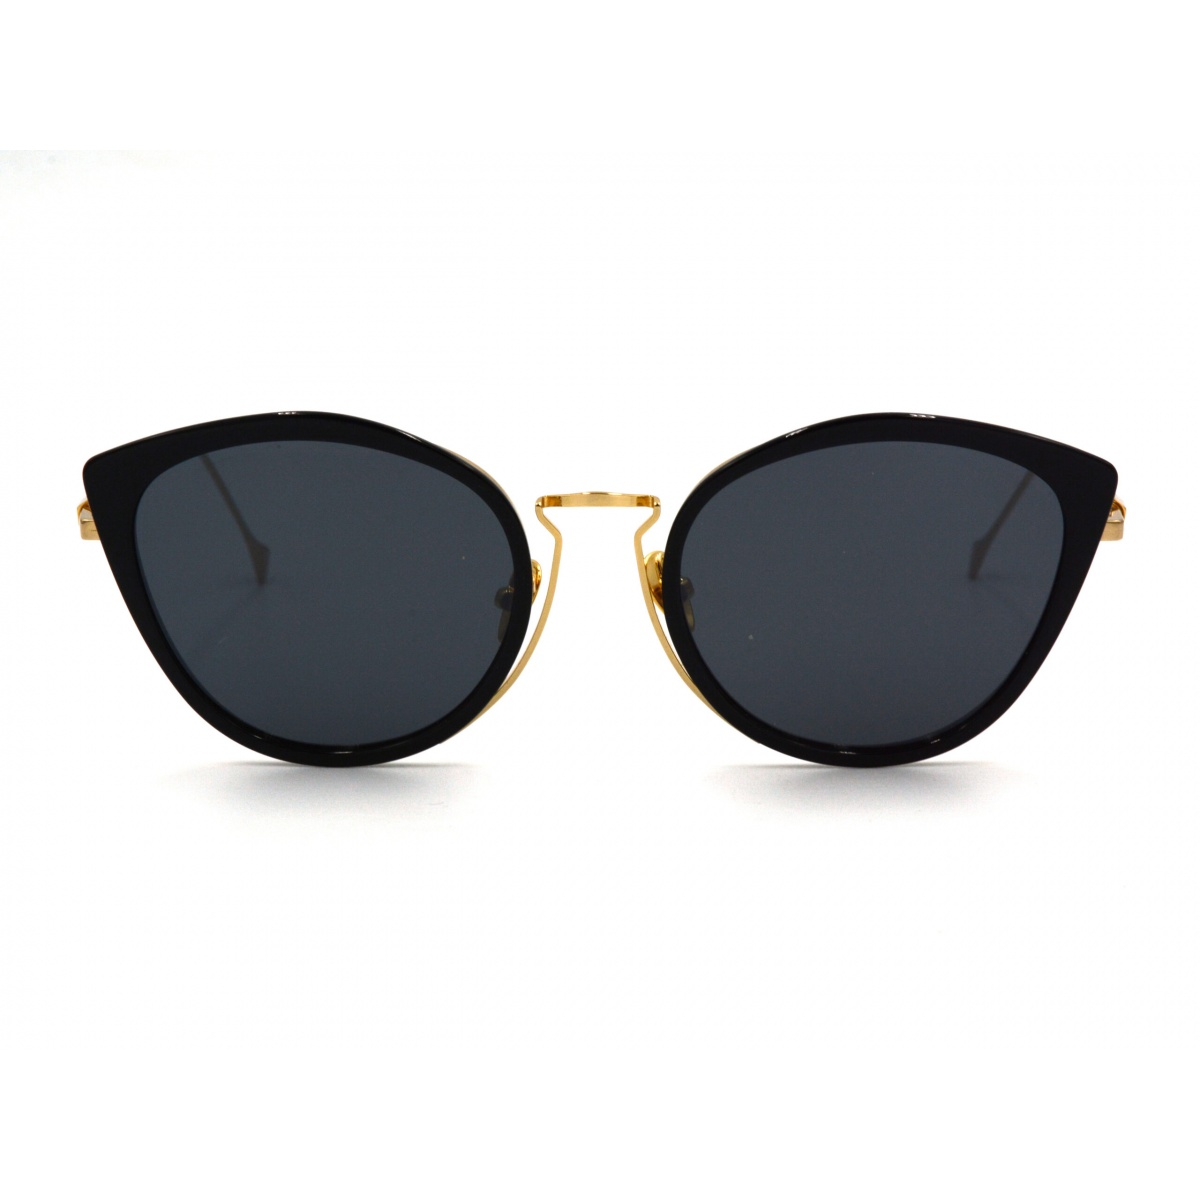 Γυαλιά ηλίου HAZE COLLECTION NEW YORK FARO-1BK 54-19-145